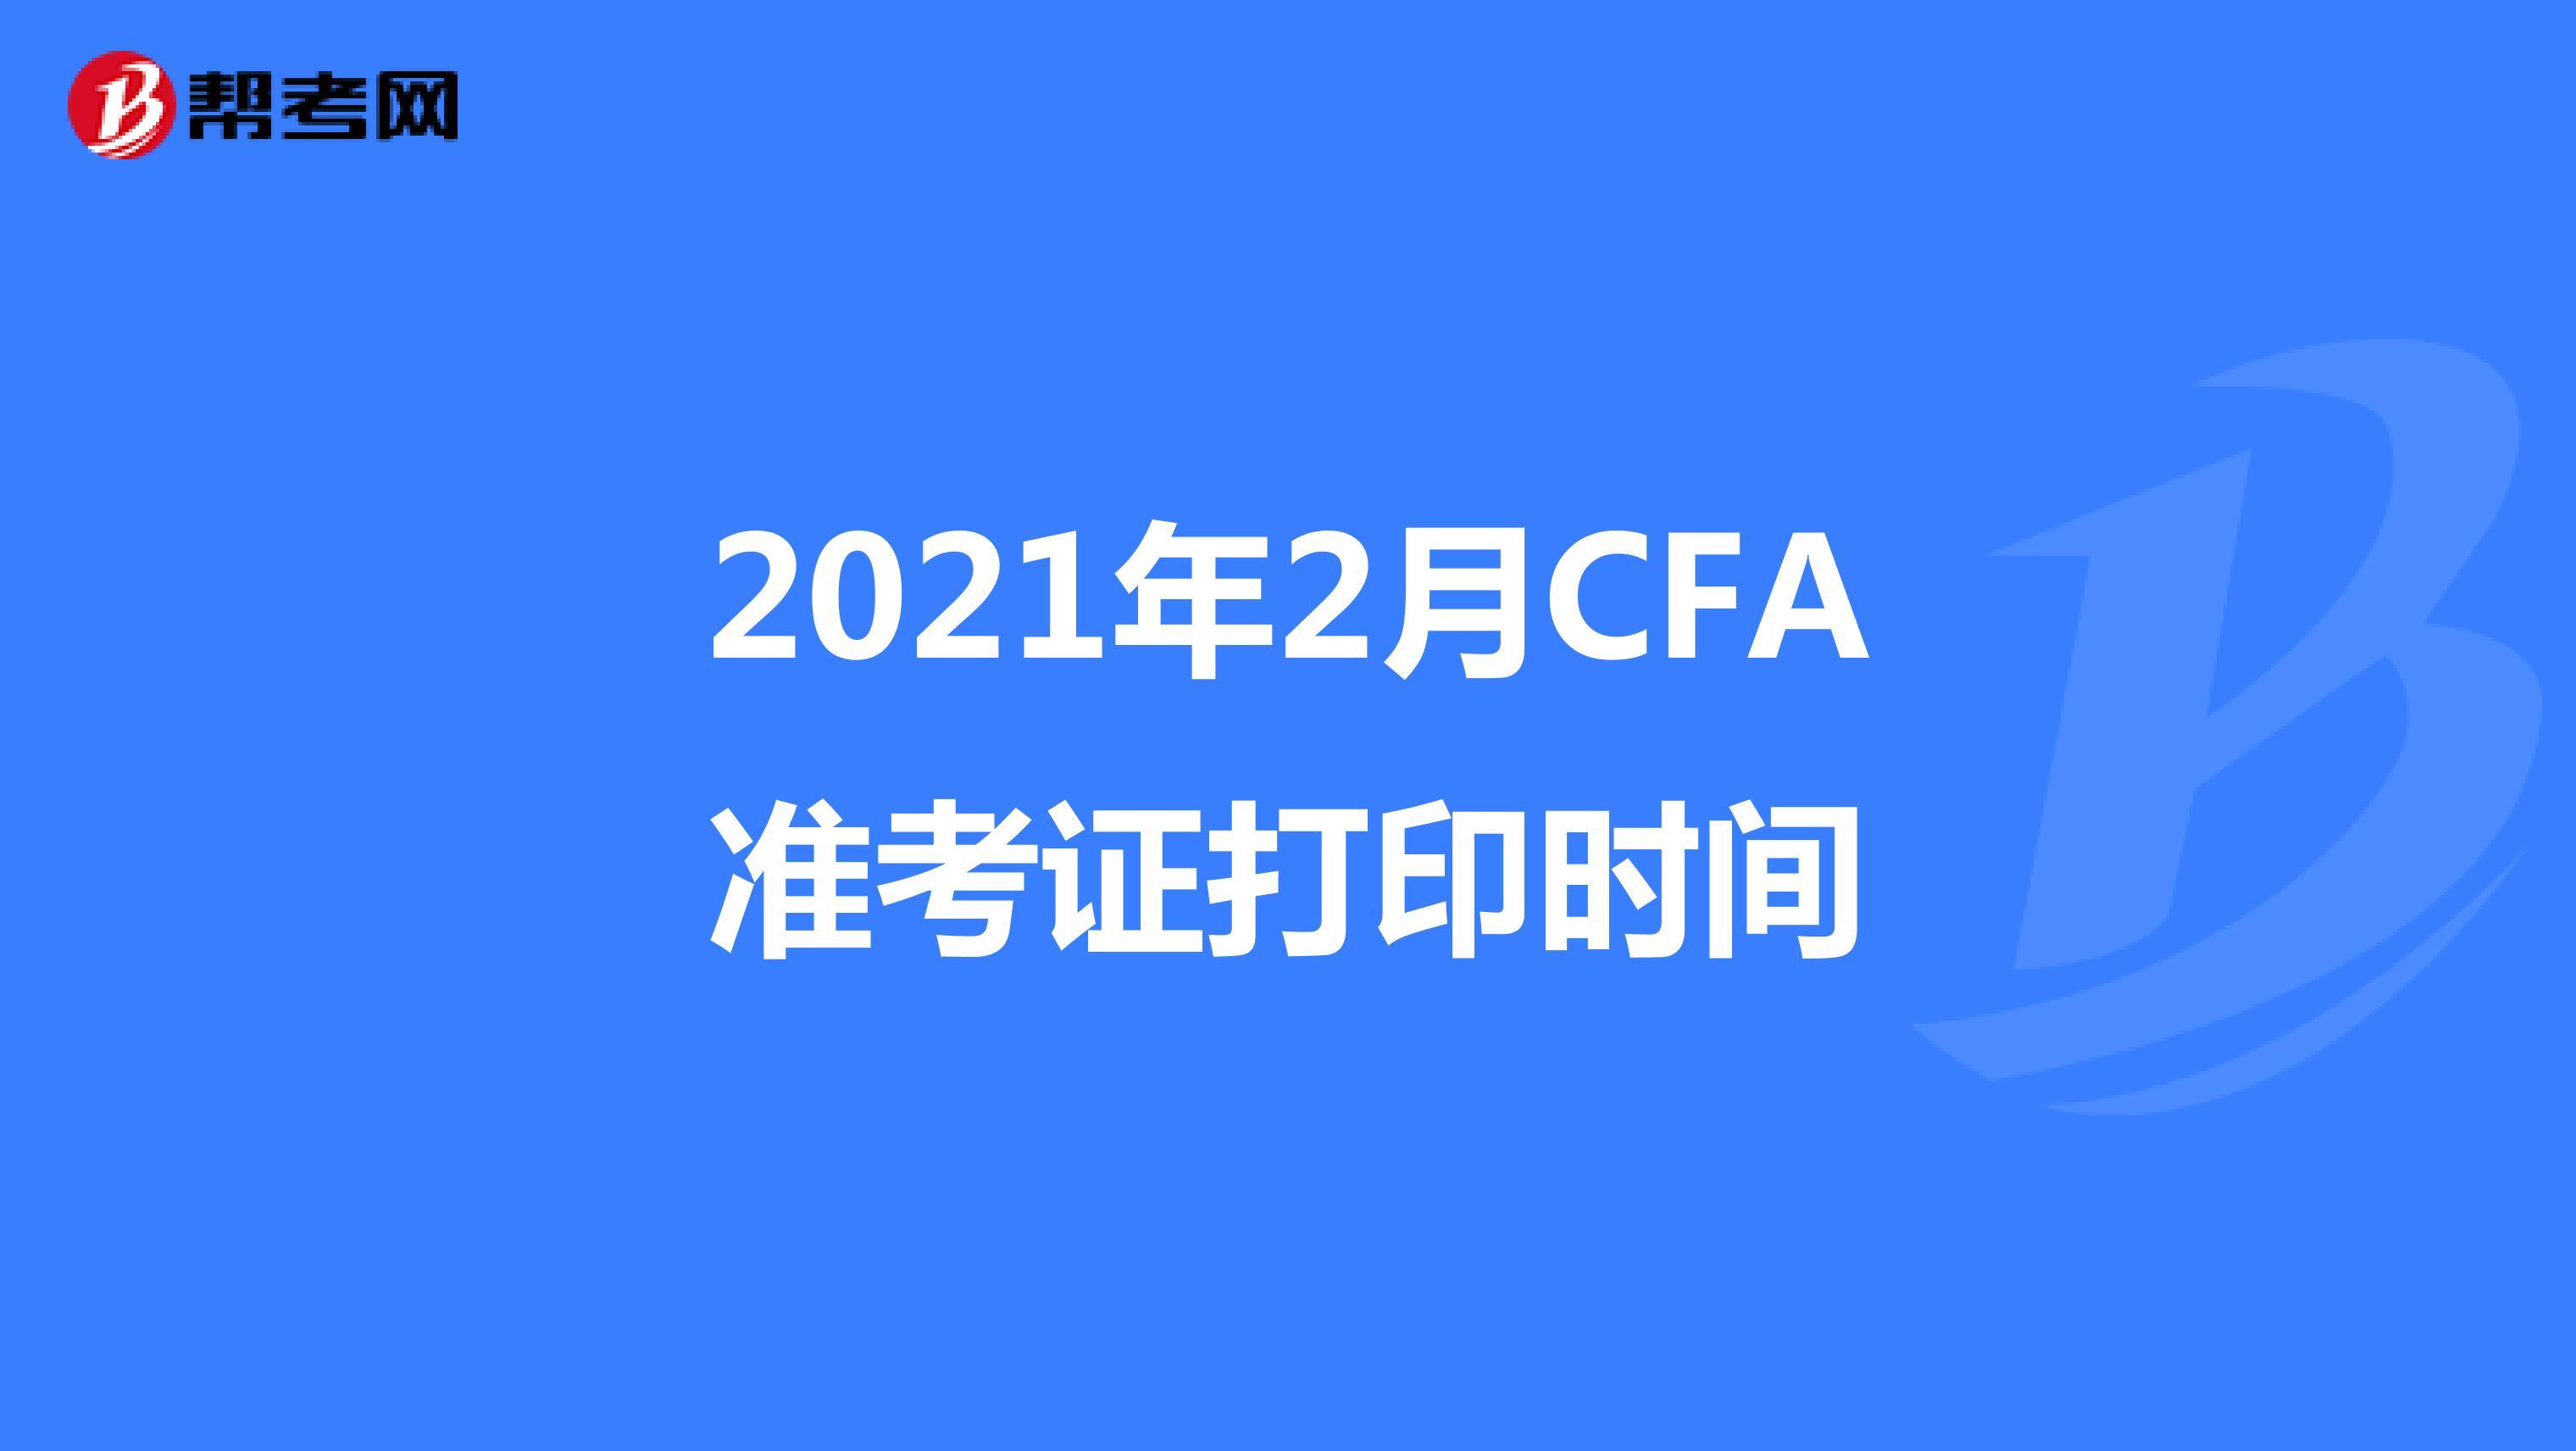 2021年2月CFA準考證打印時間